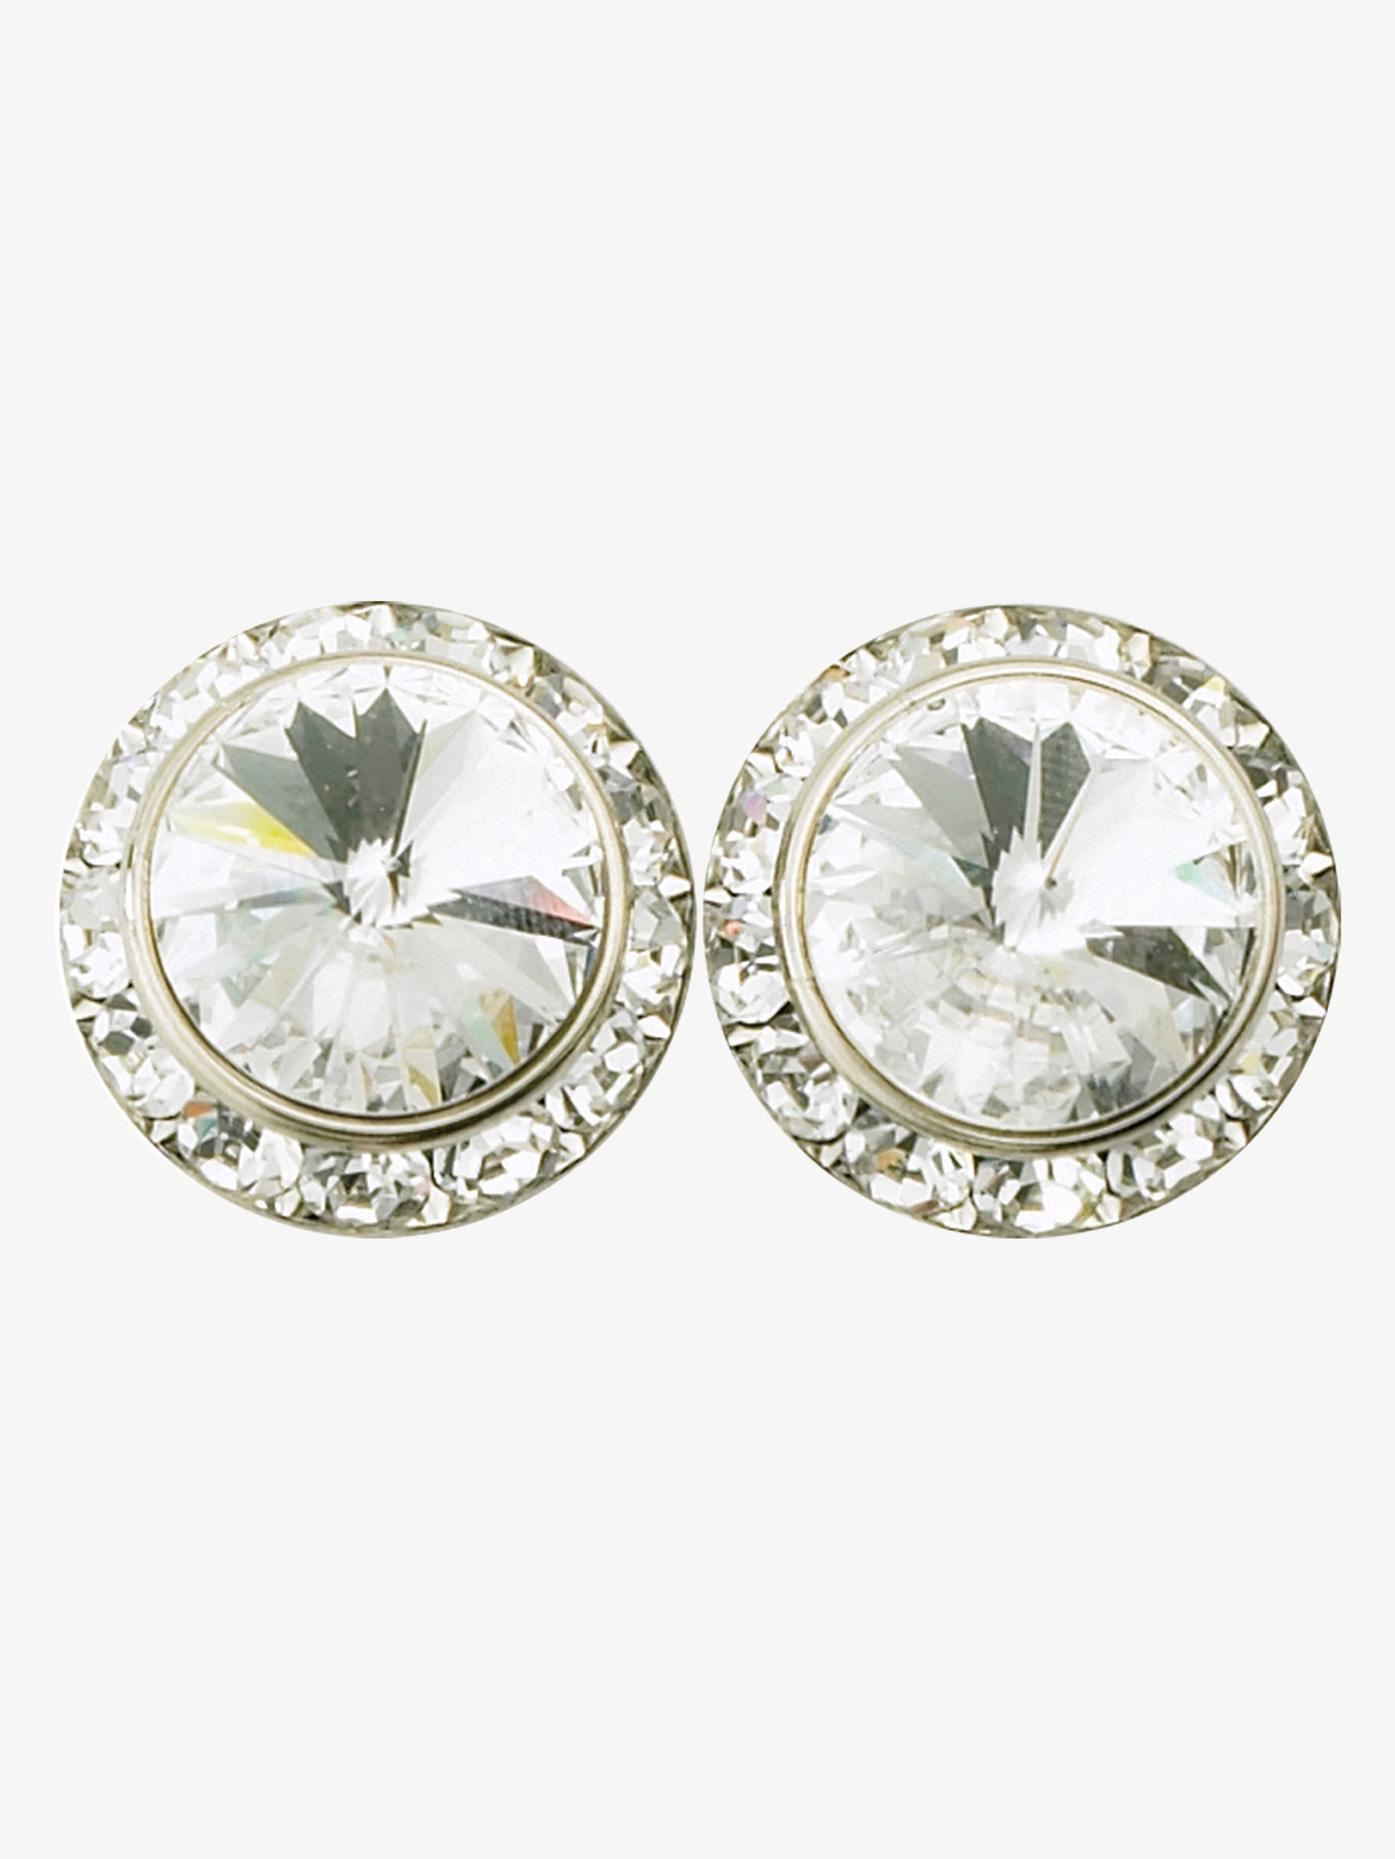 Rhinestones Unlimited 15mm Clip-On Crystal Earrings RU058